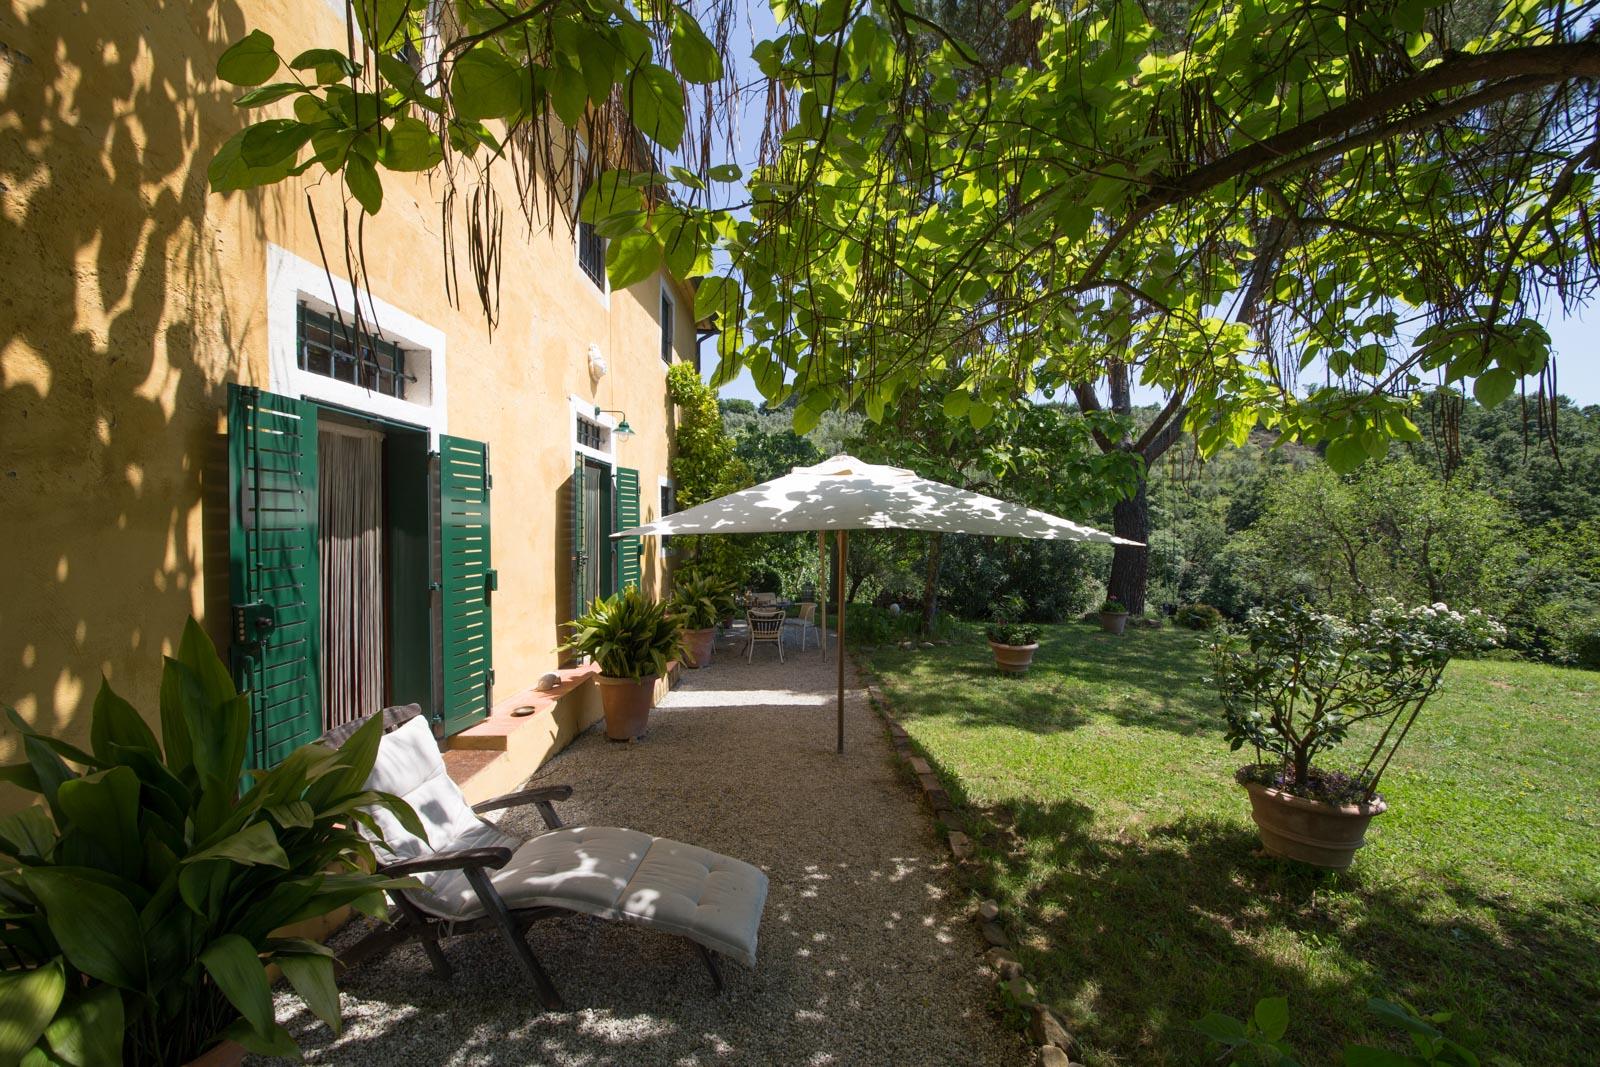 Casolare in vendita in italia toscana pistoia larciano for Casa di campagna toscana